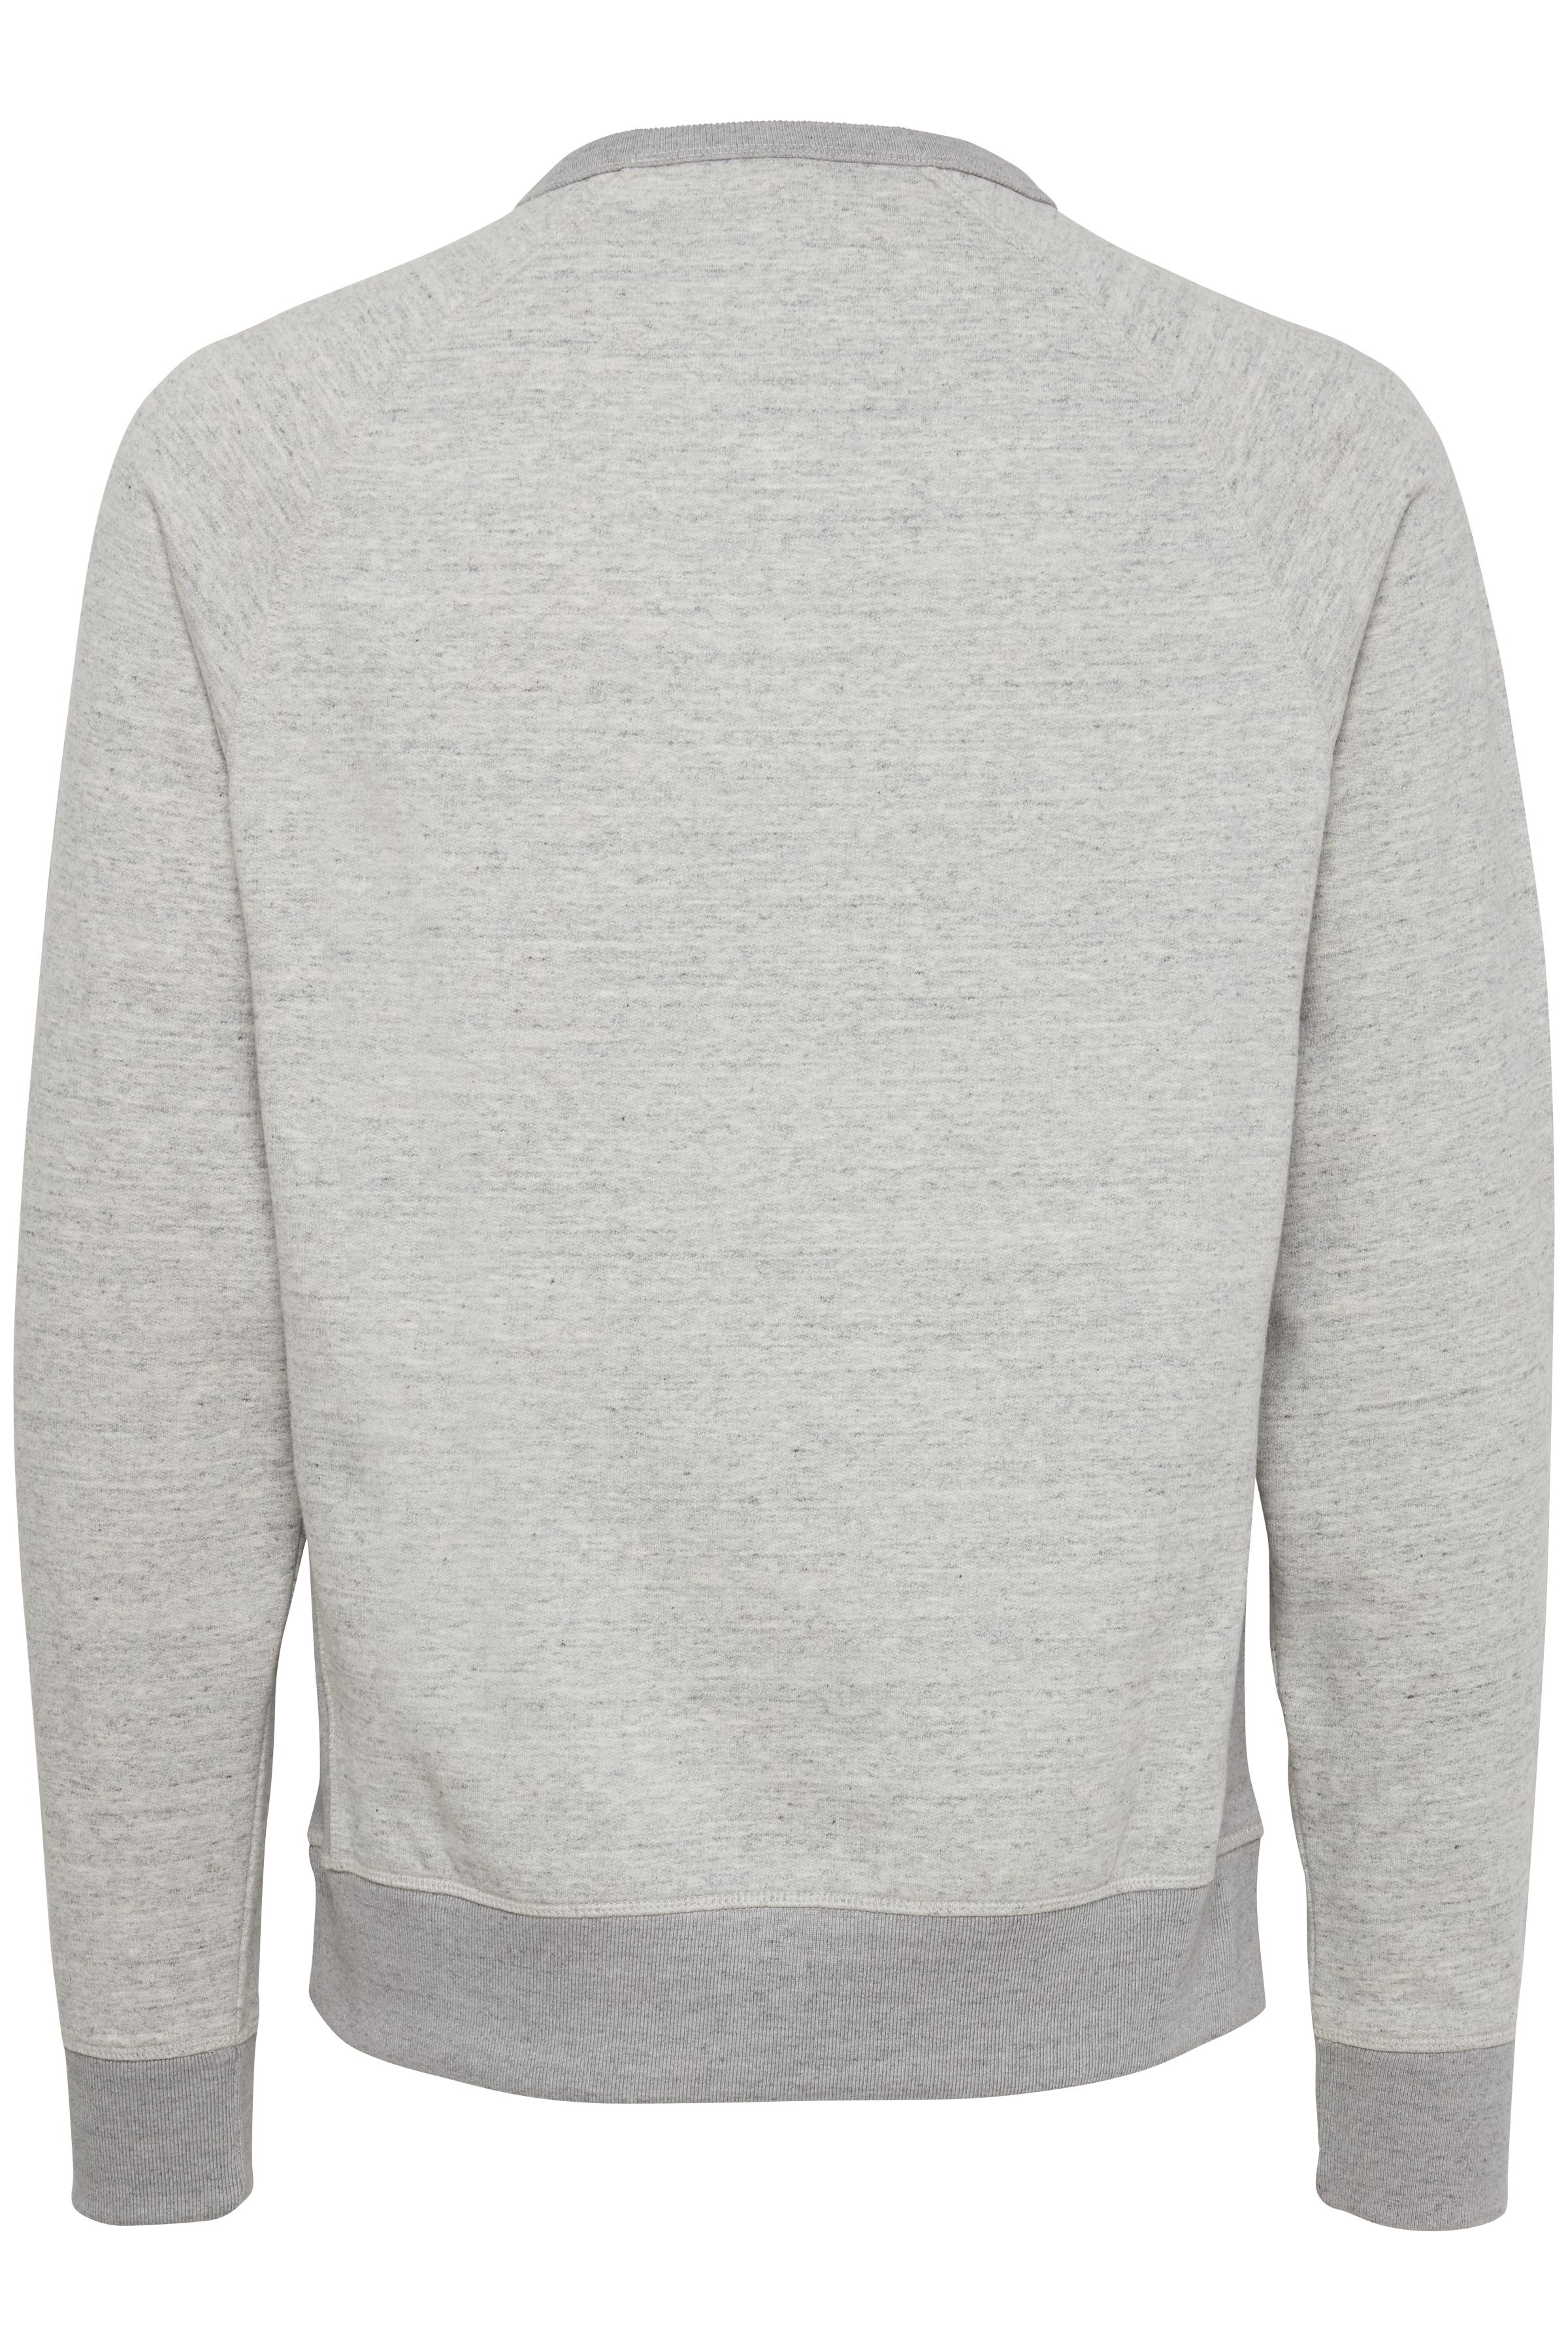 Stone mix Sweatshirt von Blend He – Shoppen Sie Stone mix Sweatshirt ab Gr. S-3XL hier